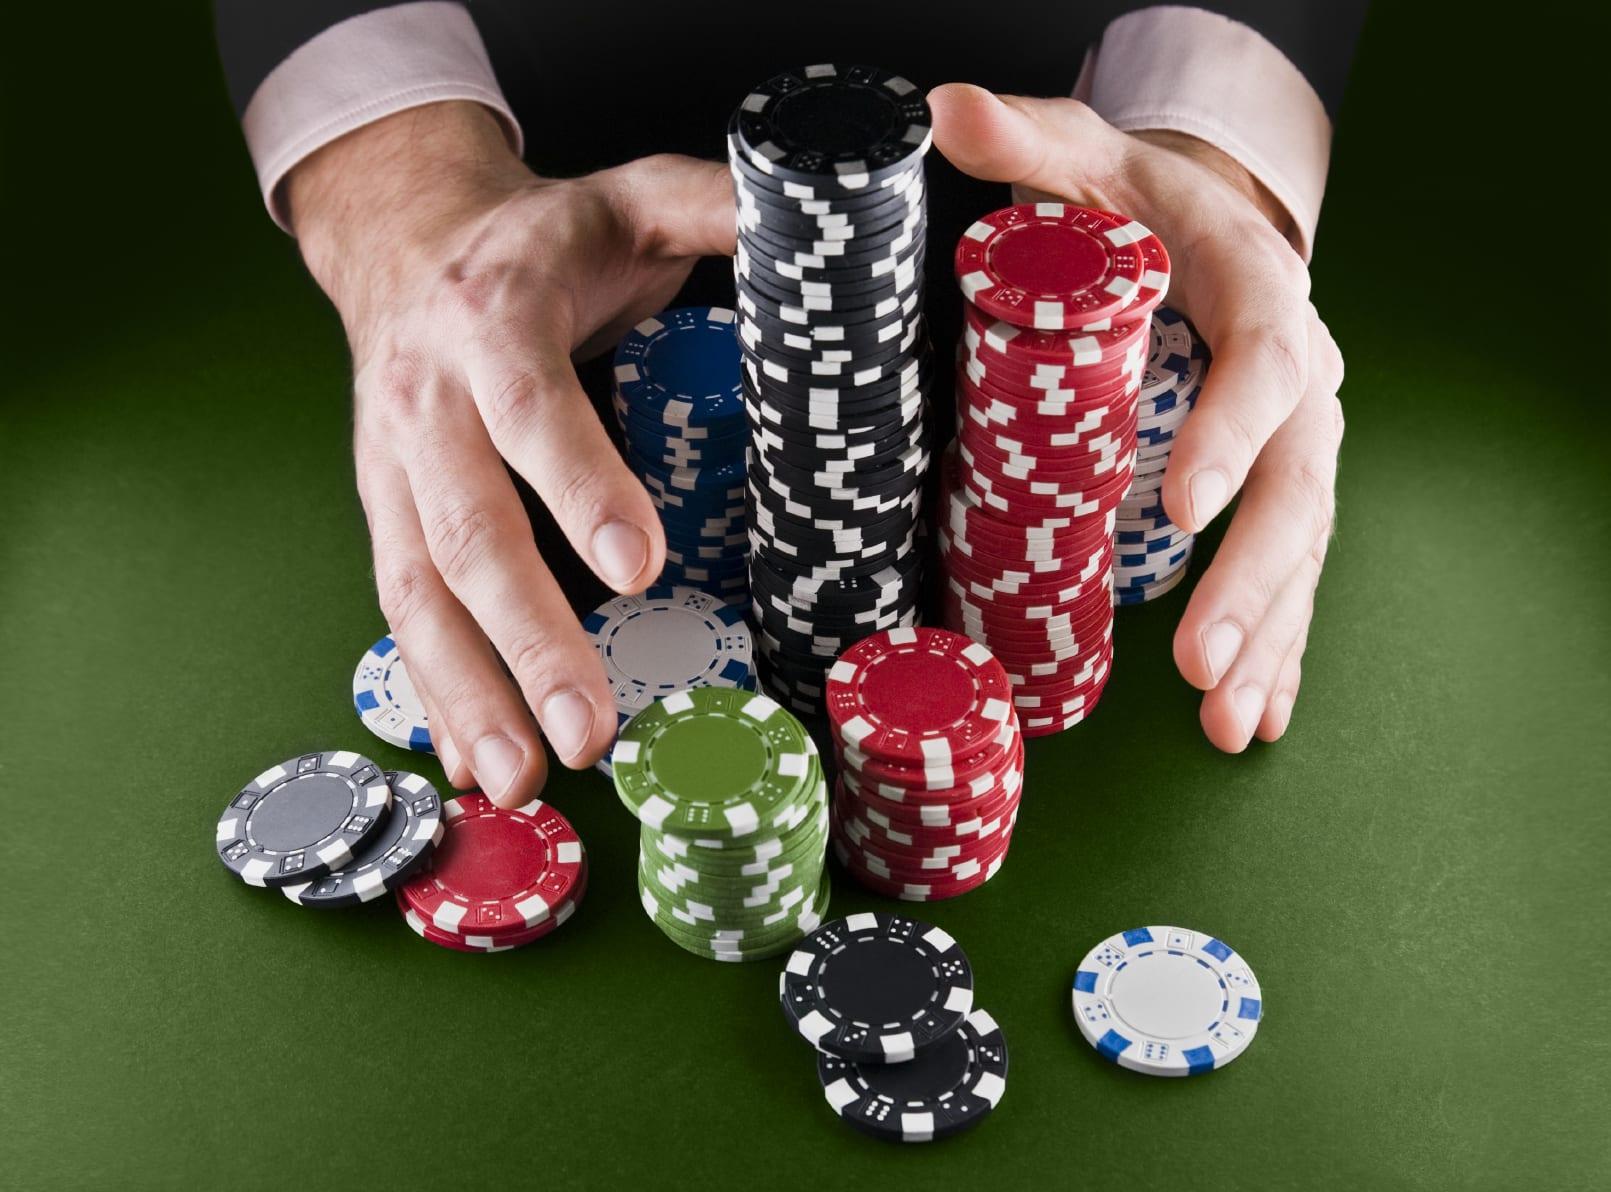 Jugando Póker